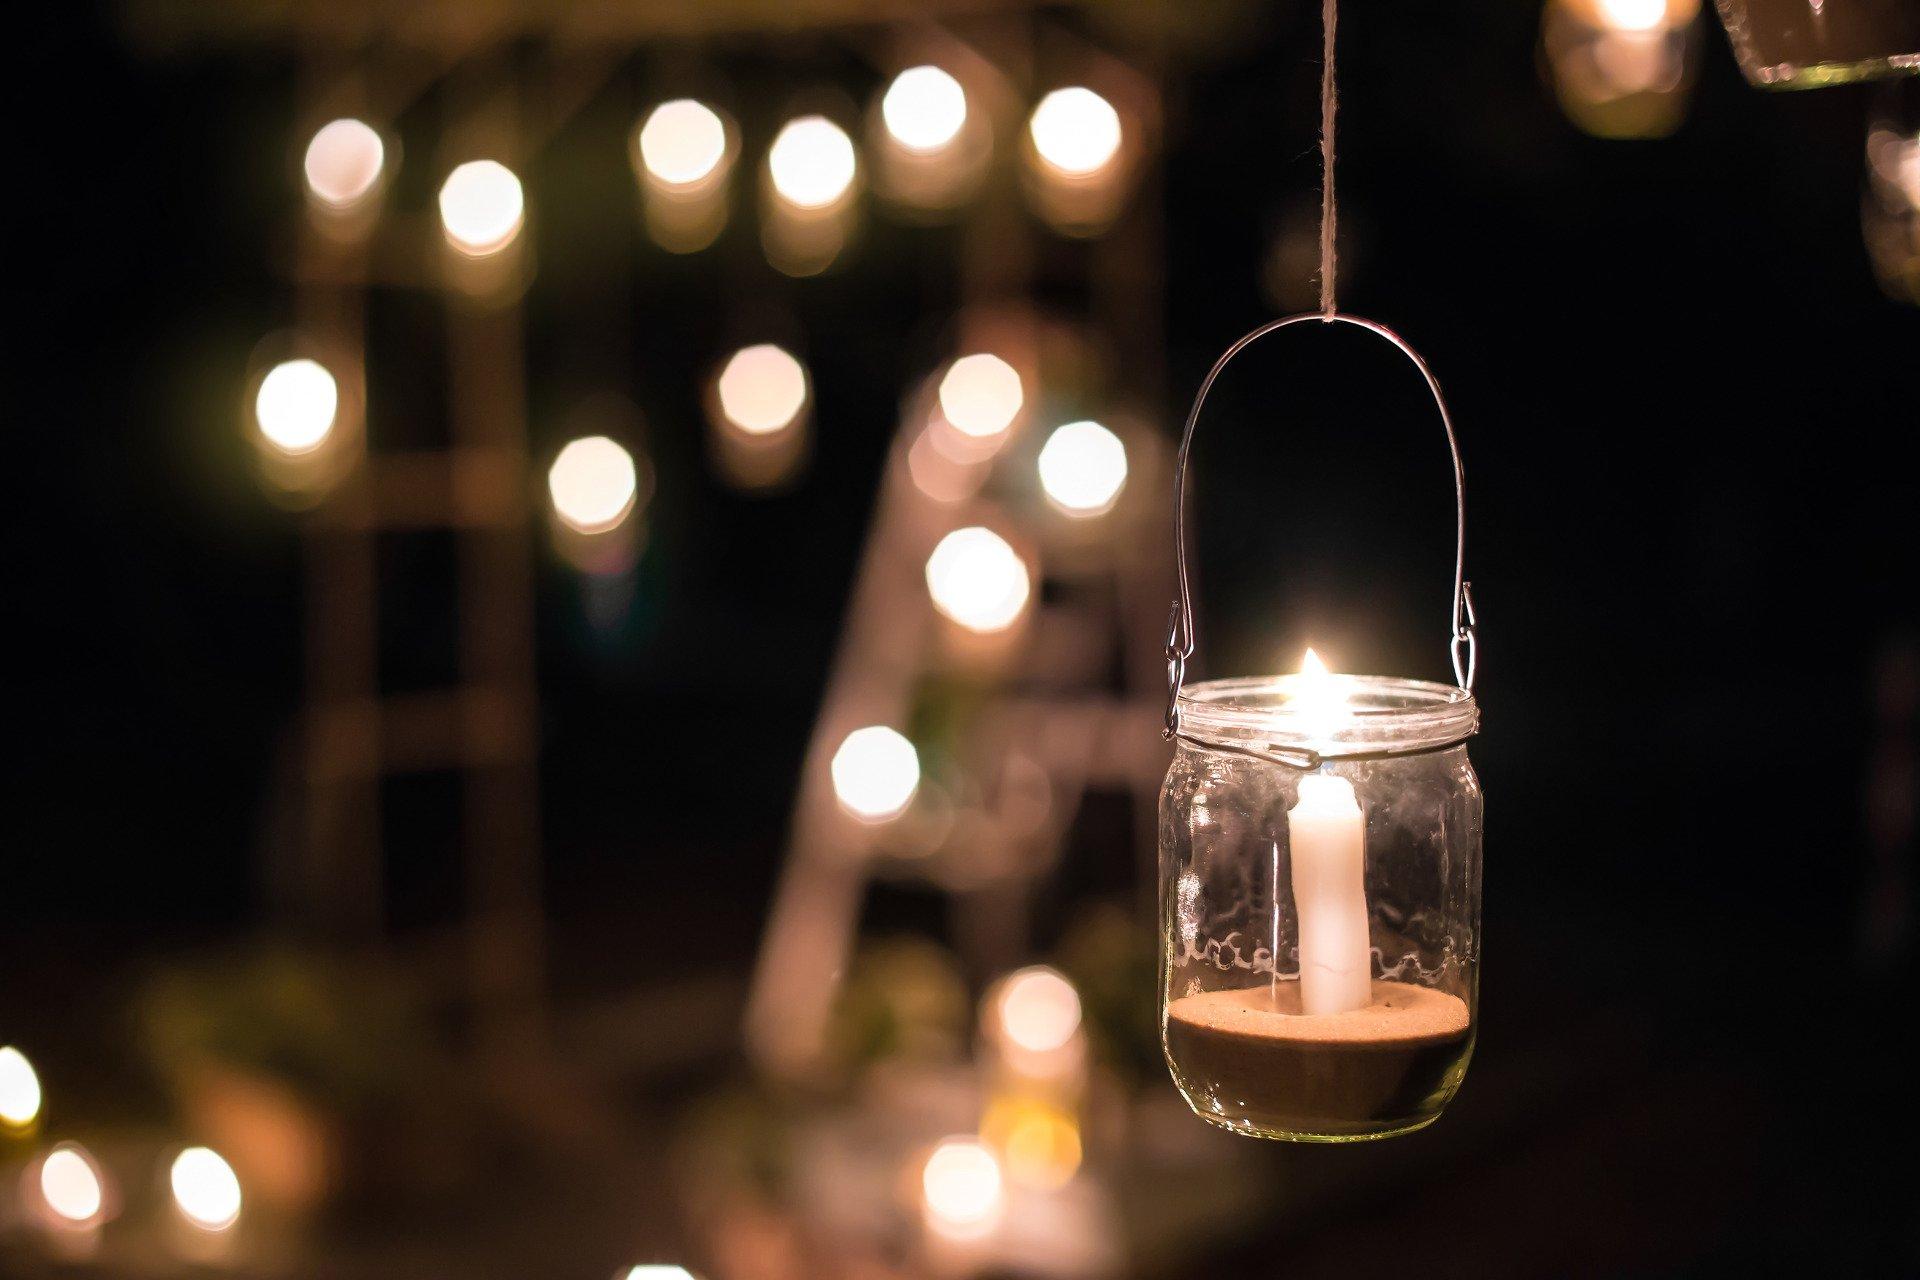 Ogród na wiosnę_oświetlenie ogrodu bez prądu_Światło świec_lampion ze słoika, w tle zamazany ogród